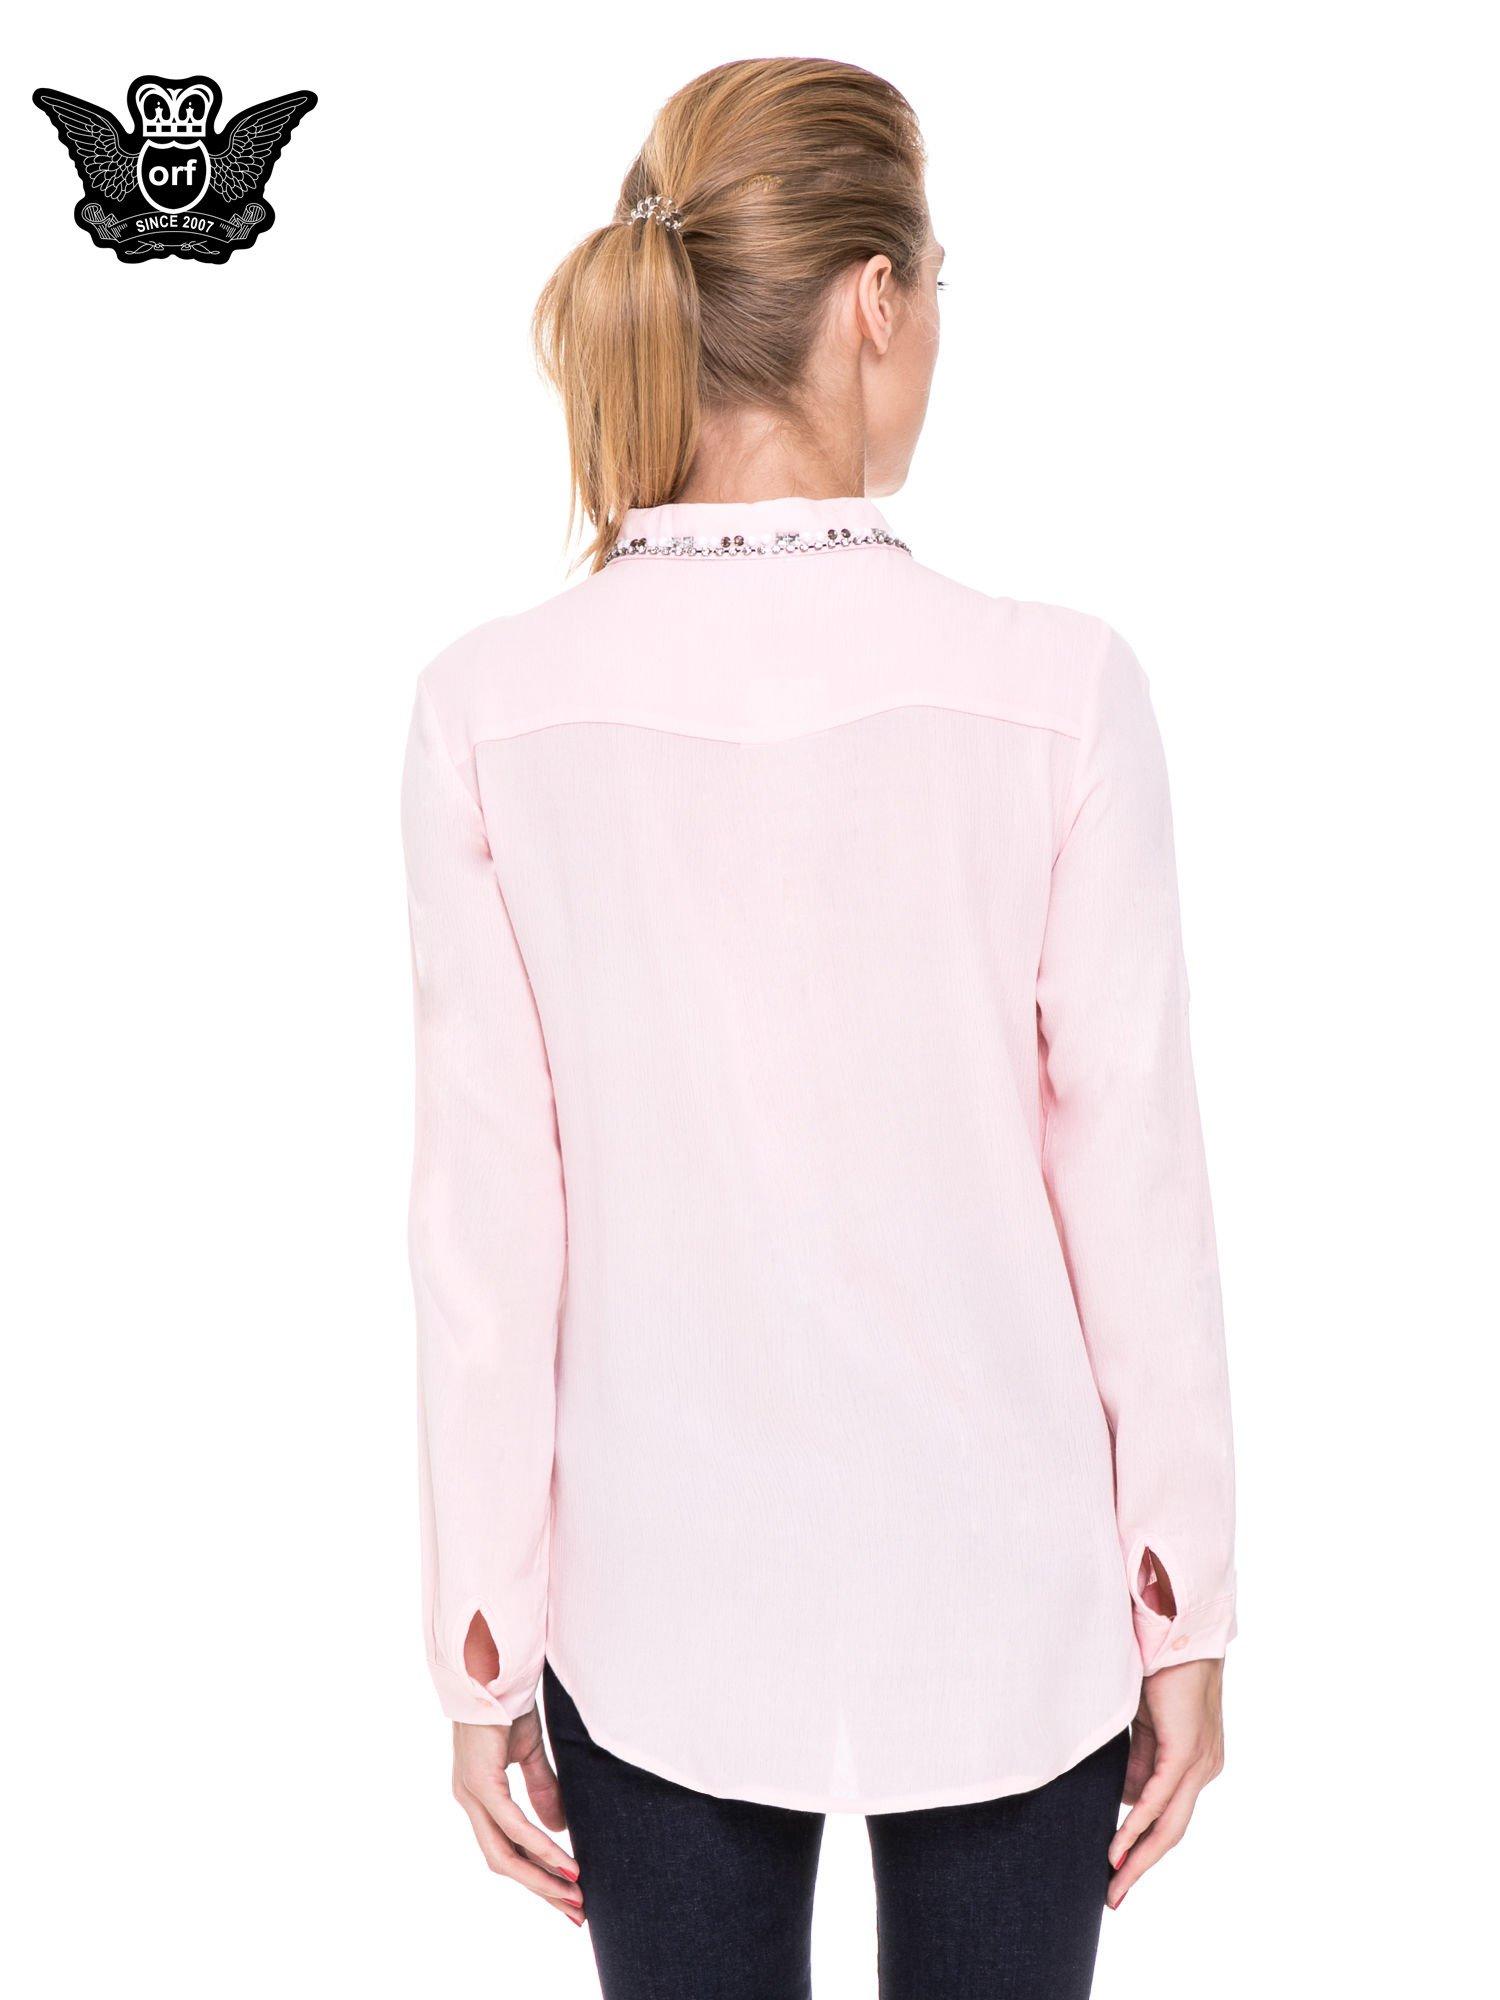 Różowa koszula z biżuteryjnym kołnierzykiem i kieszonkami                                  zdj.                                  4